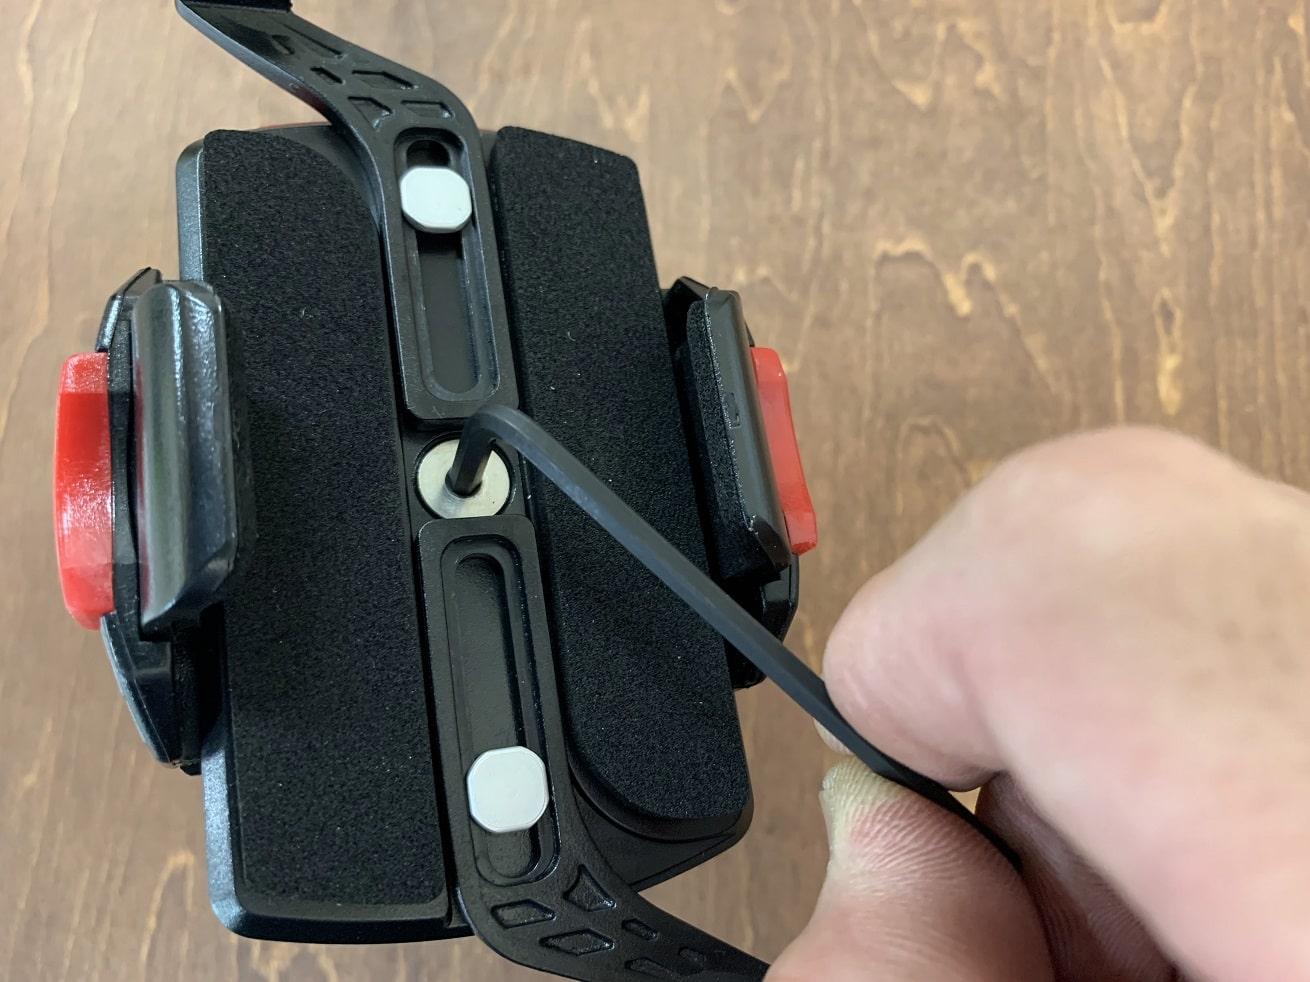 自転車スマホホルダー「ミノウラiH-520-STD」六角レンチ工具でクランプ部分を取り付ける